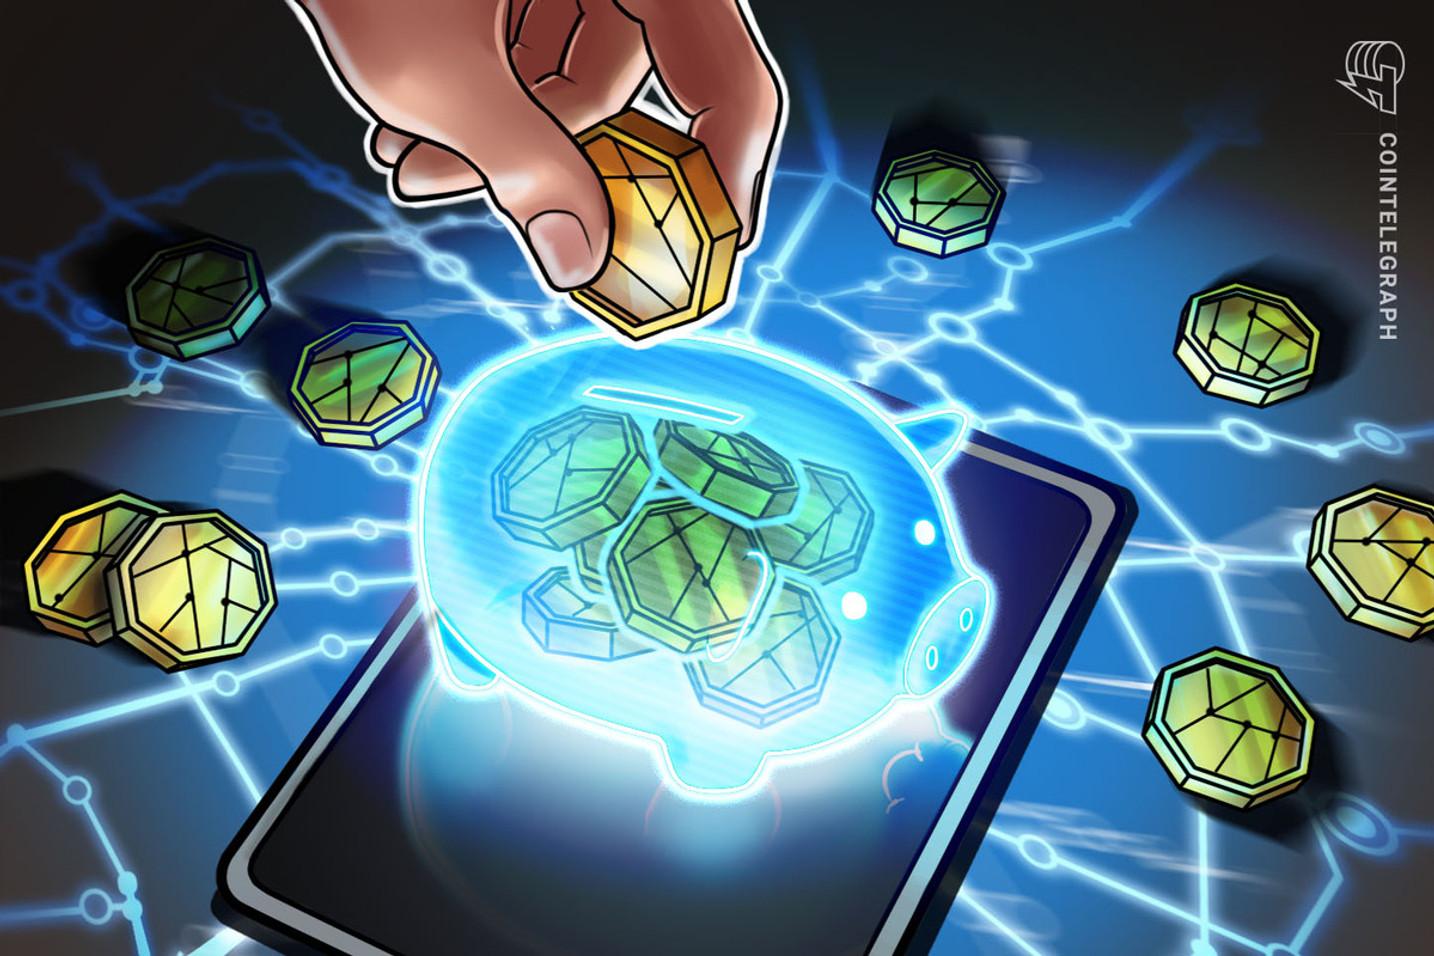 MyCrypto i Ambo novčanici dodaju više novih funkcionalnosti